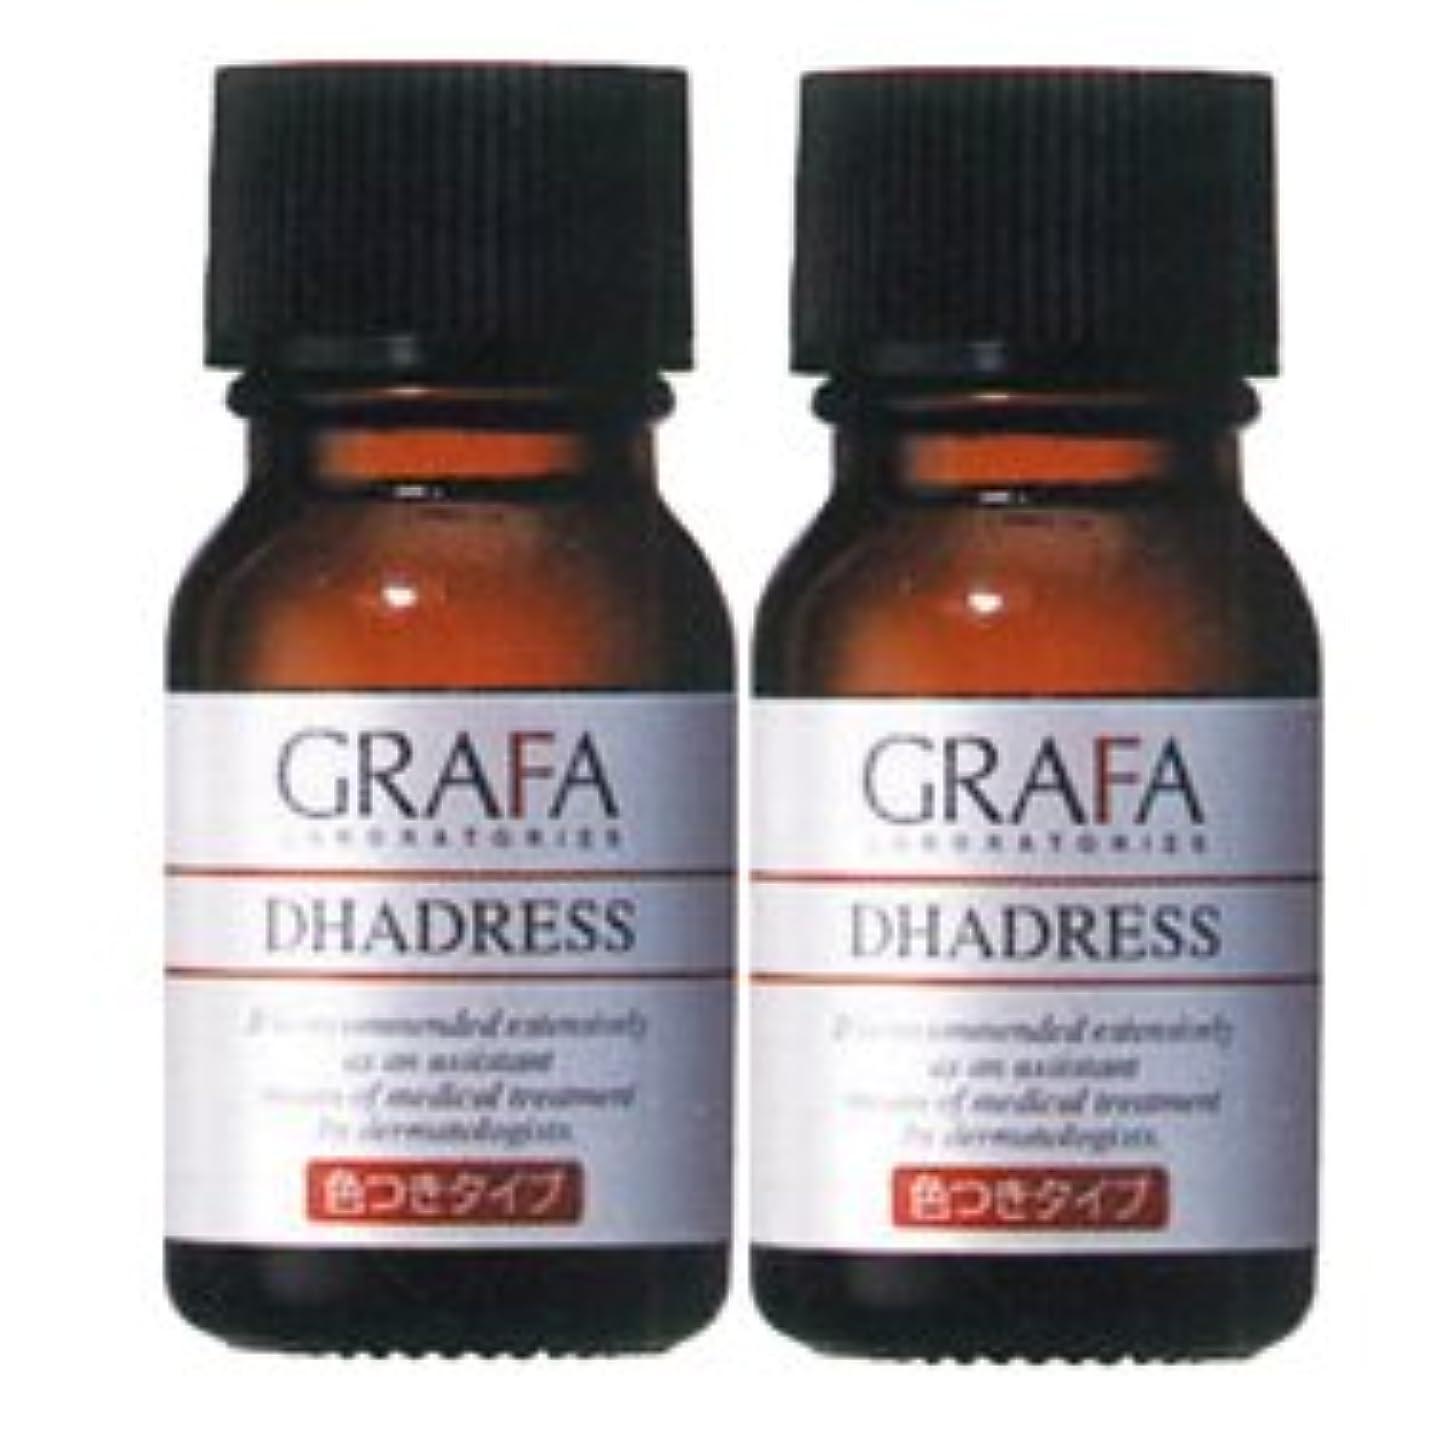 怠惰罰特許グラファ ダドレスC (色つきタイプ) 11mL×2本 着色用化粧水 GRAFA DHADRESS